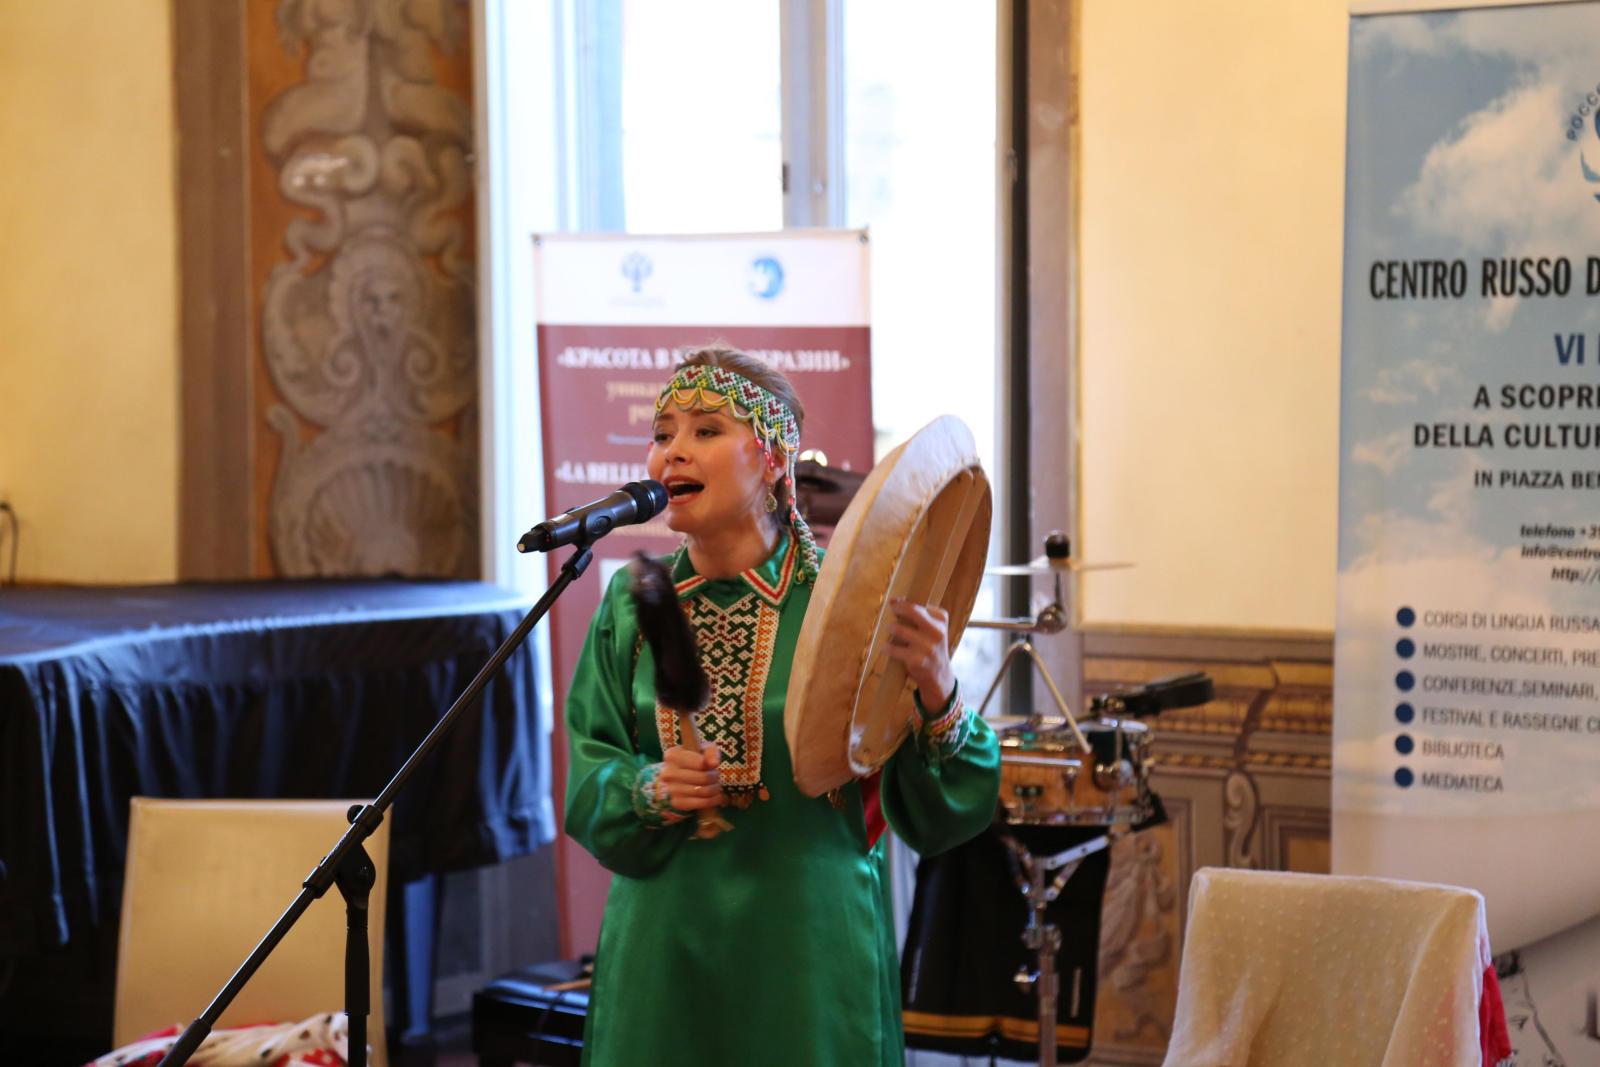 В Риме открылась выставка российских сувениров «Красота в многообразии»